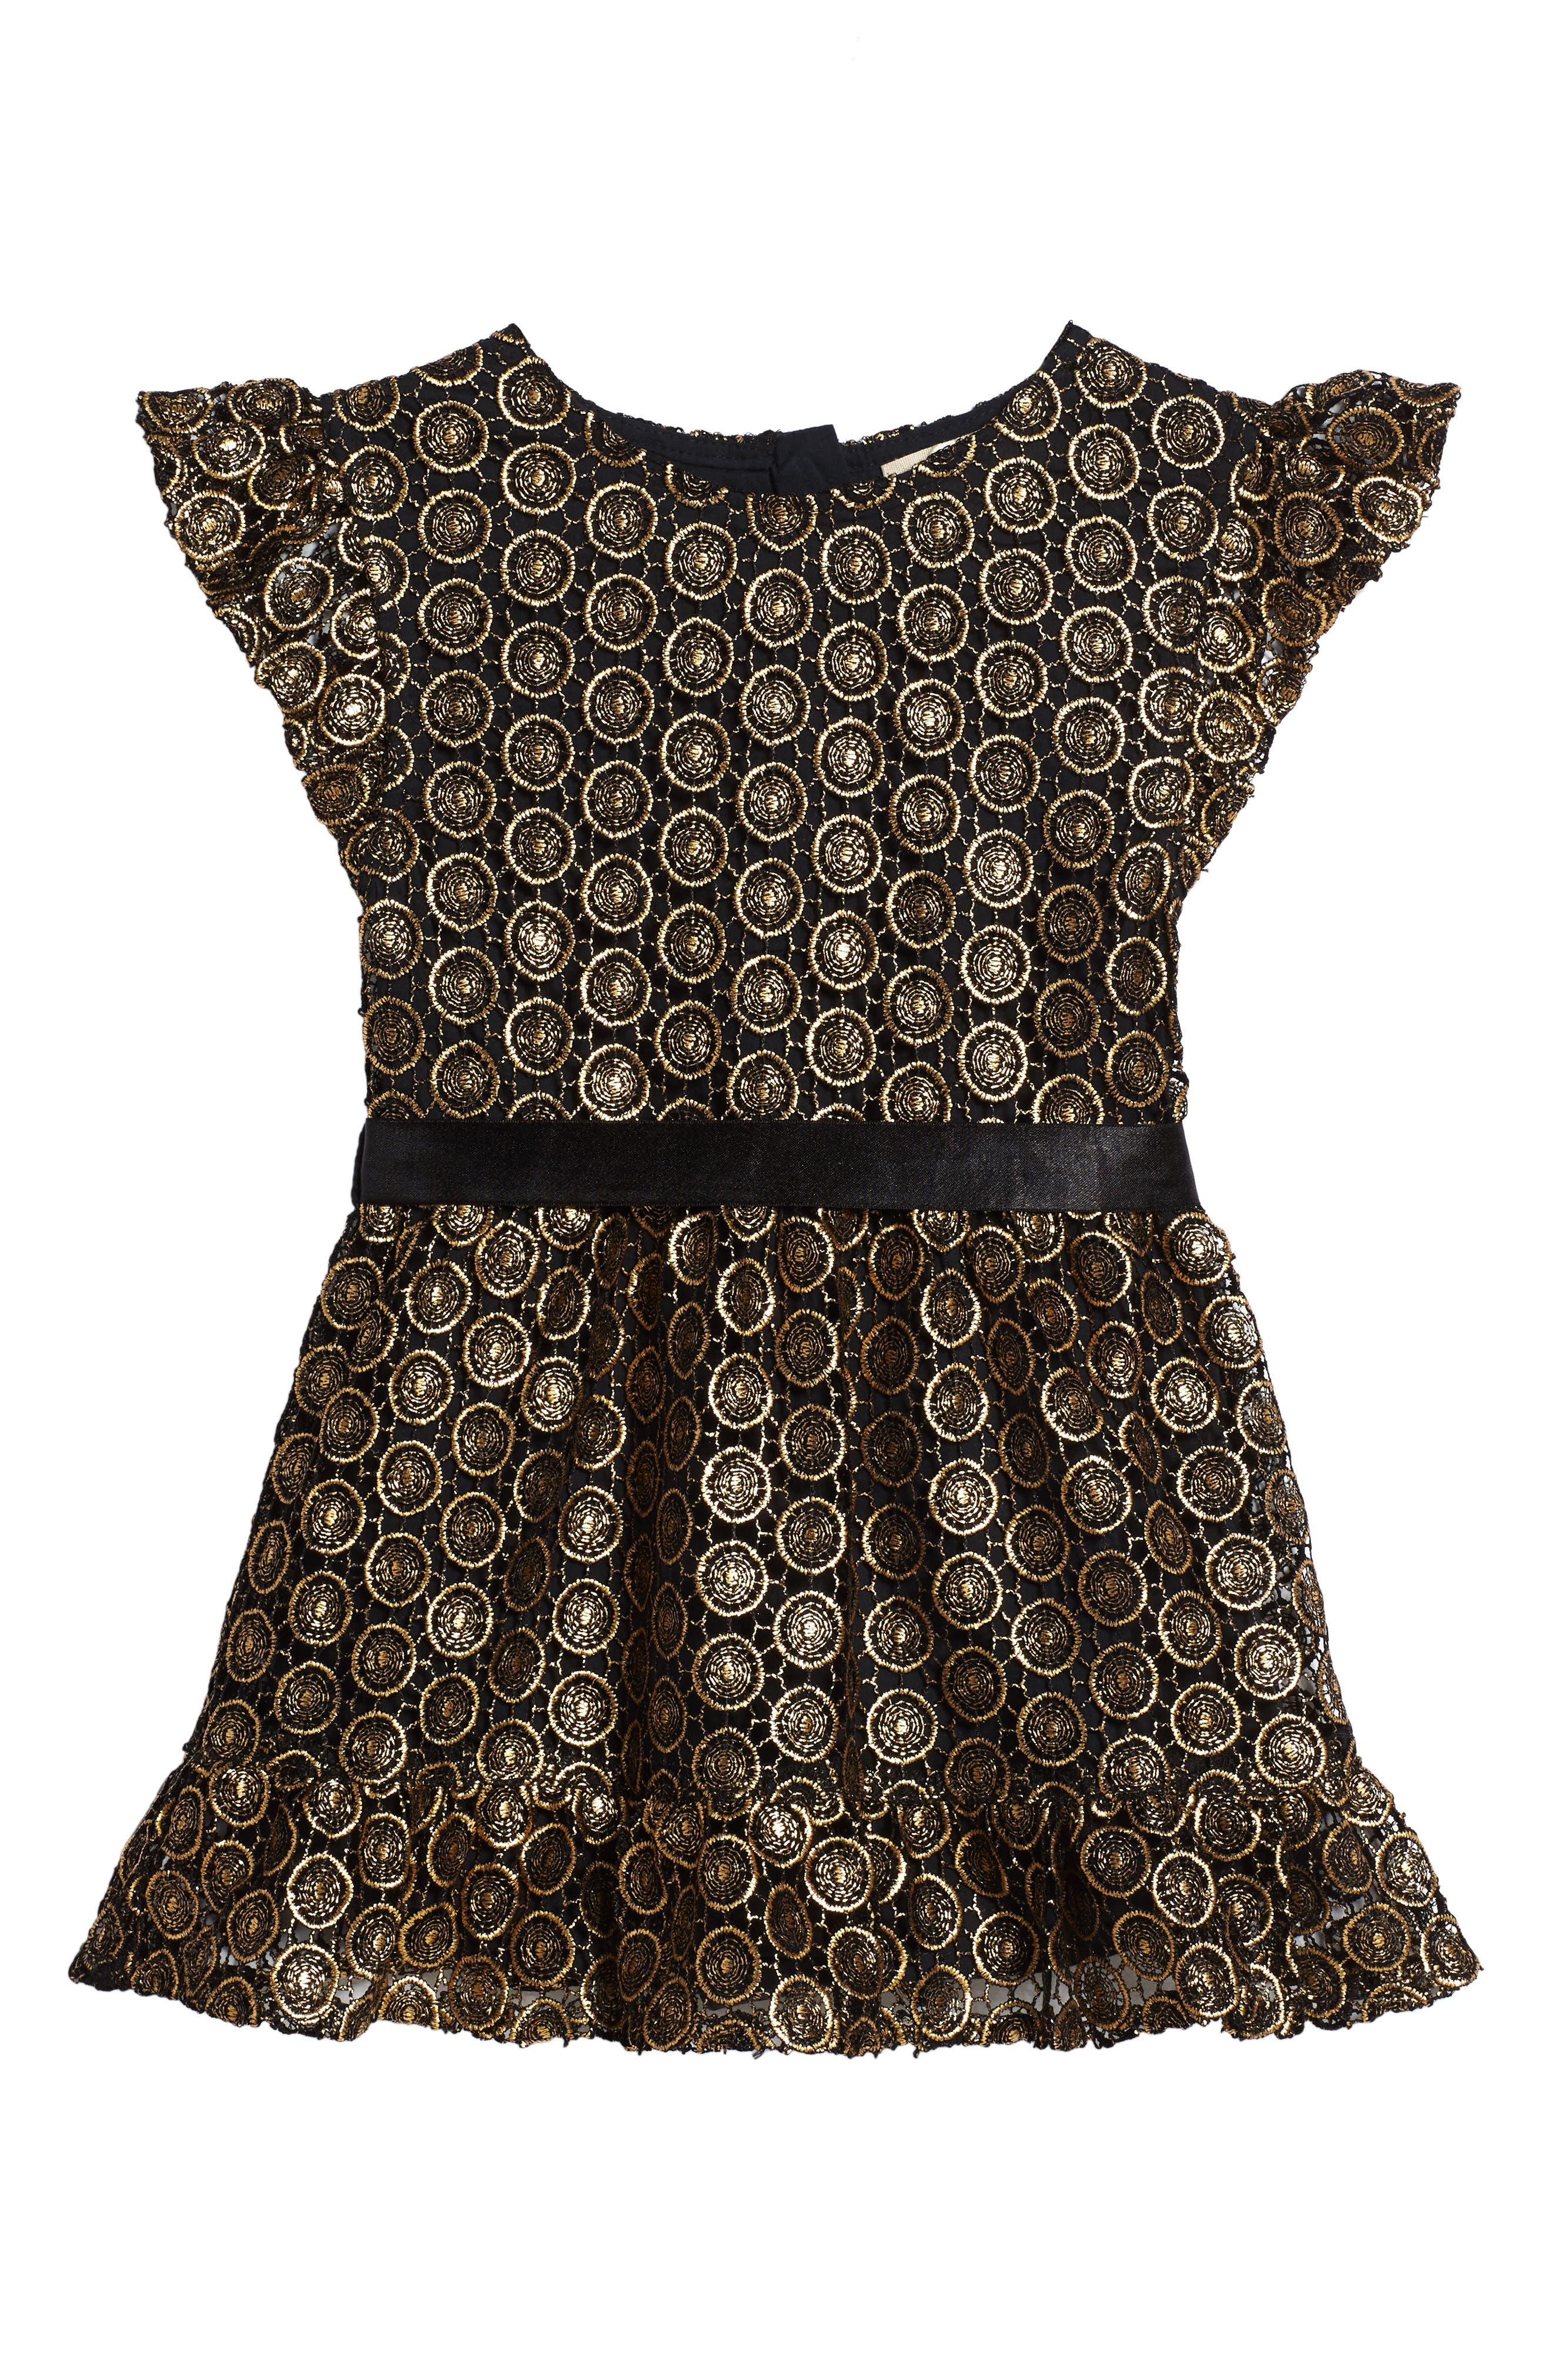 Main Image - Peek Metallic Lace Dress (Toddler Girls, Little Girls & Big Girls)